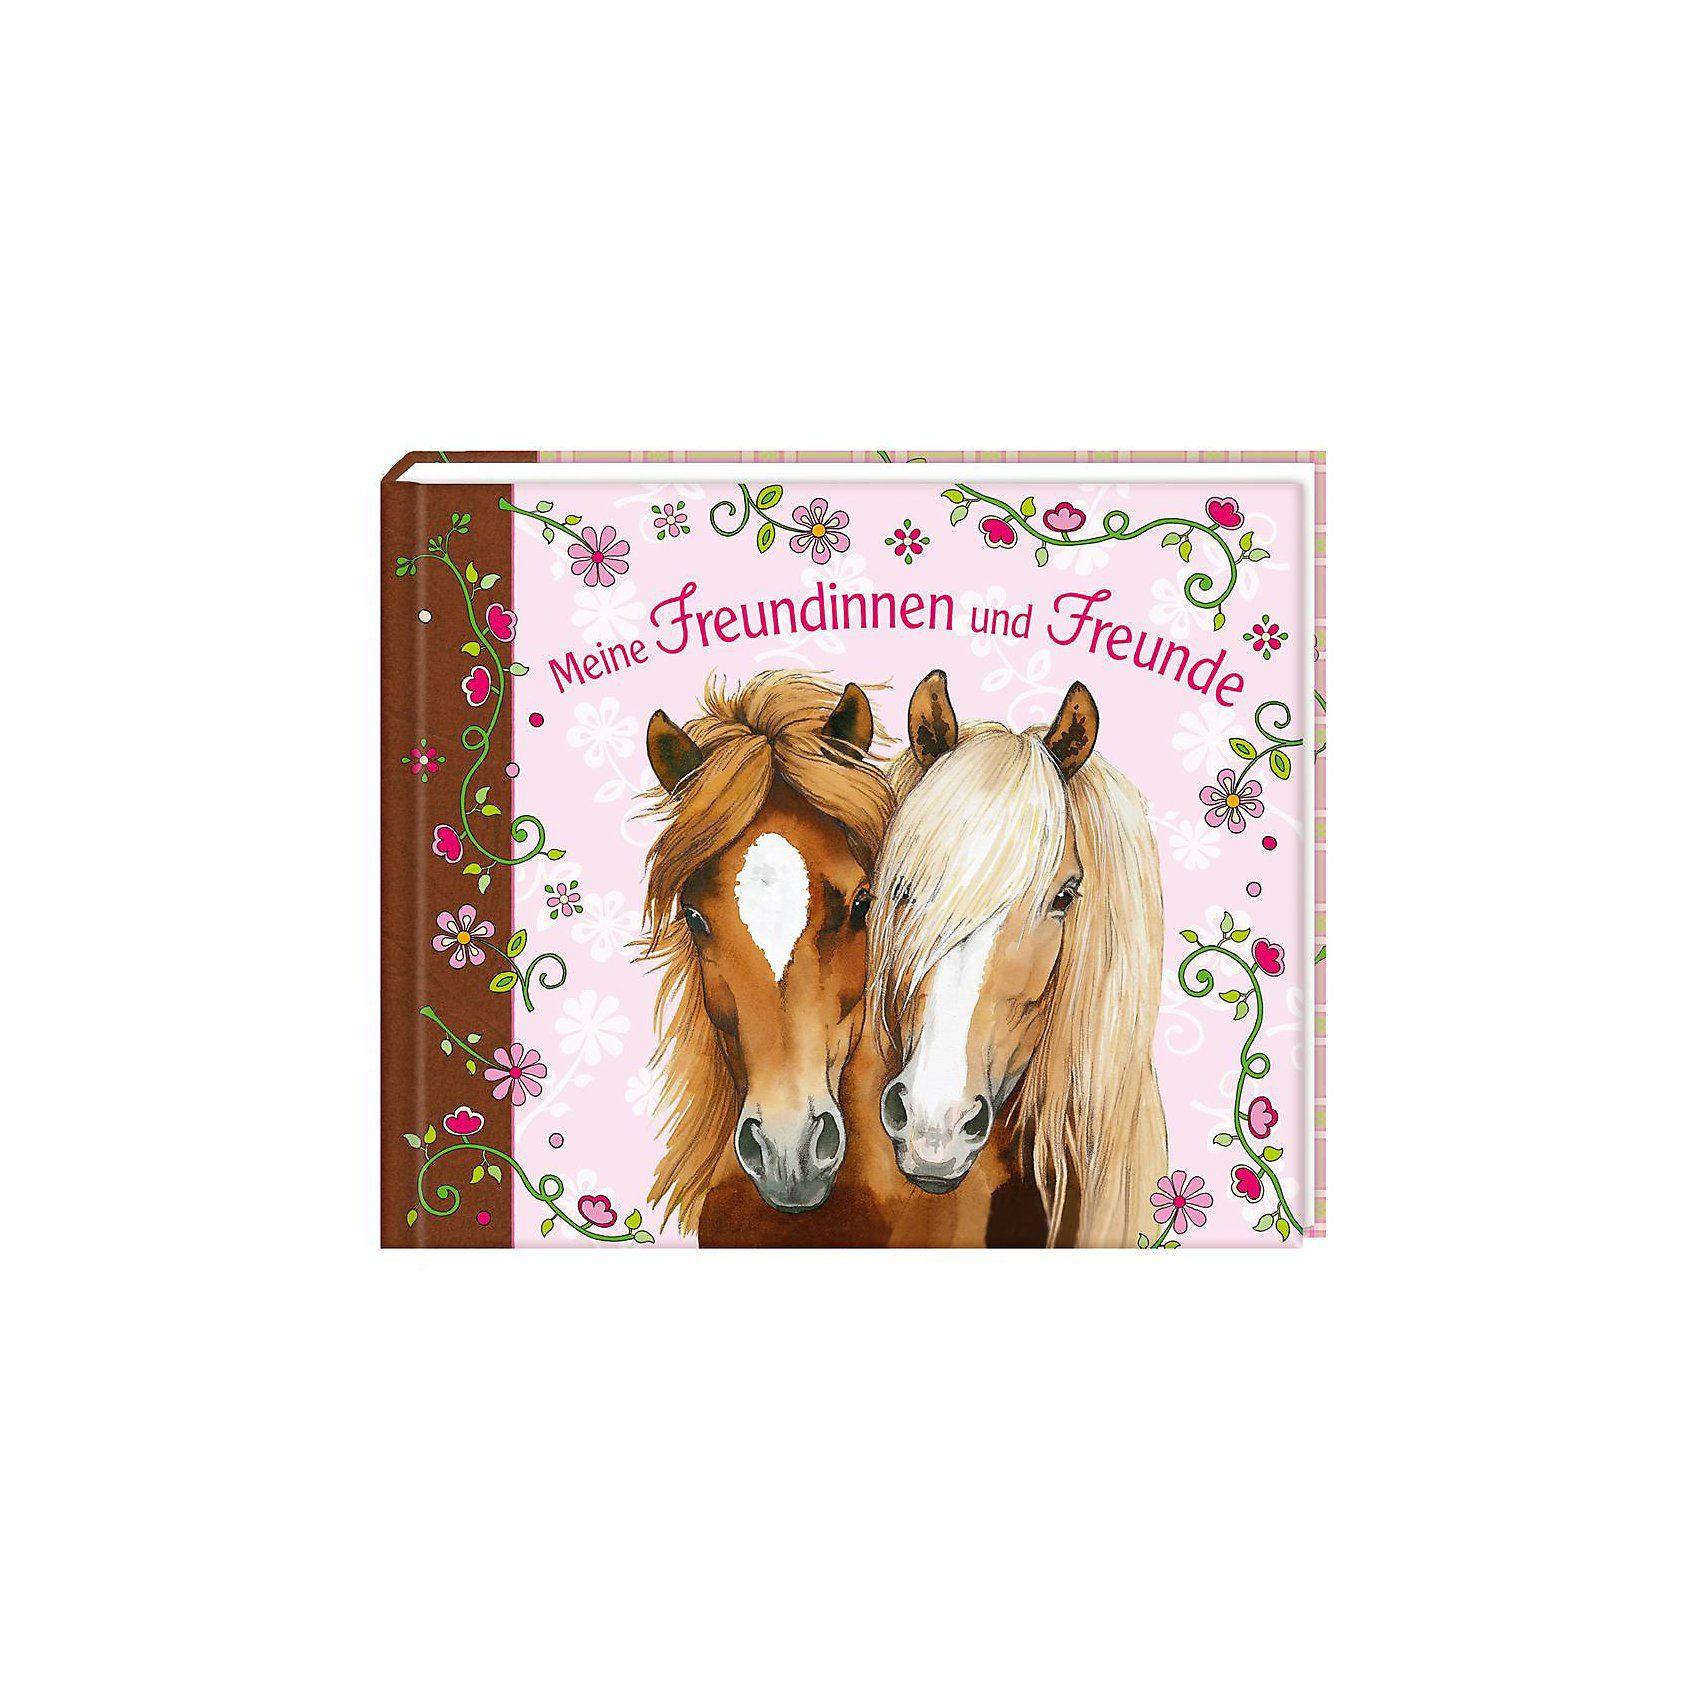 Coppenrath Meine Freundinnen und Freunde - Pferdefreunde Eintragalbum